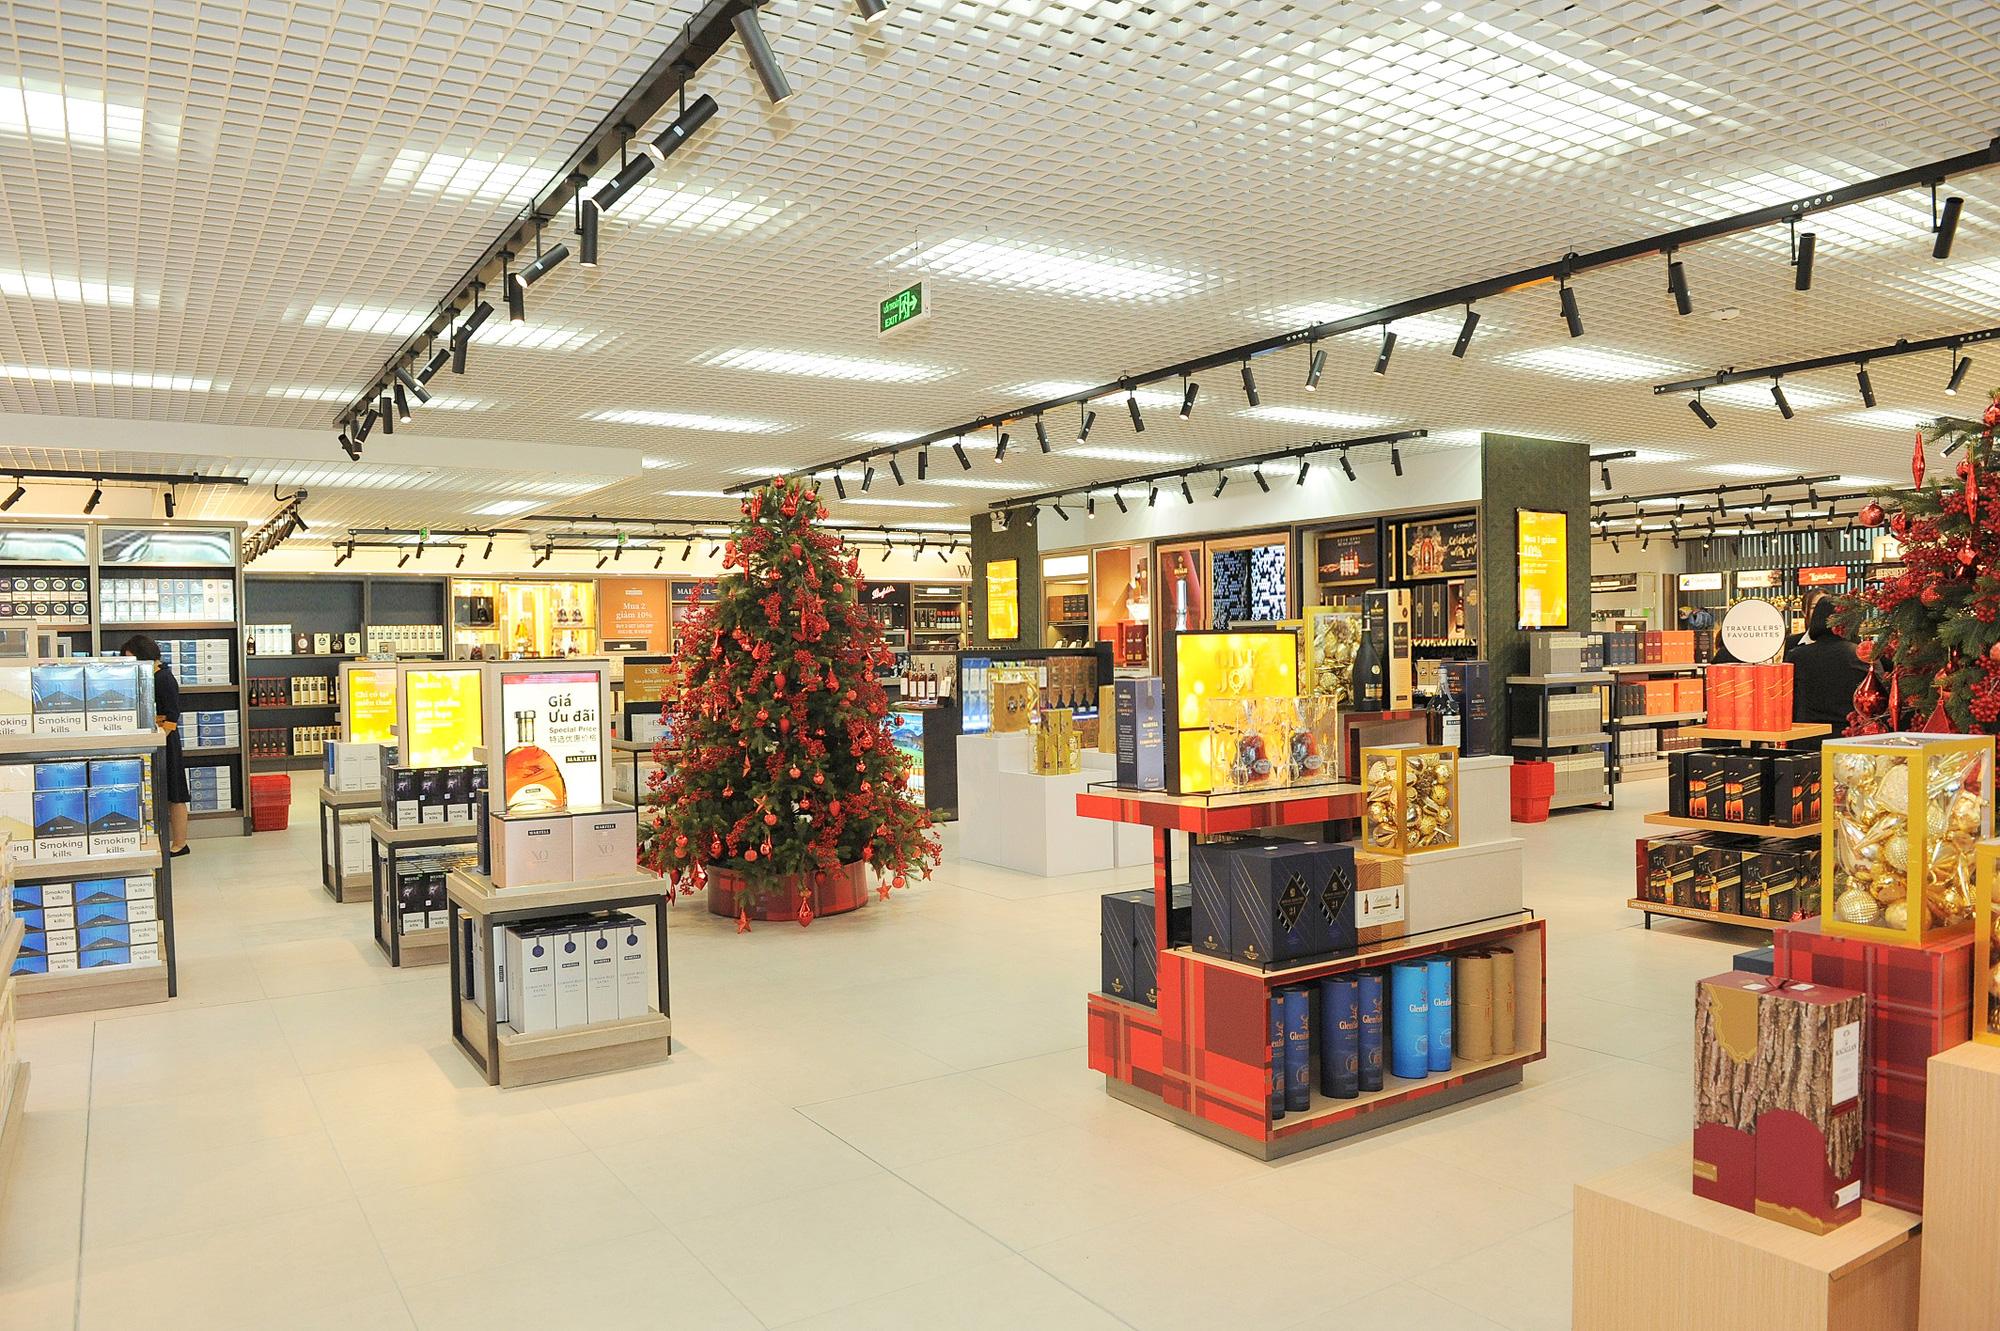 Khám phá cửa hàng miễn thuế bậc nhất sân bay quốc tế Tân Sơn Nhất - Ảnh 5.